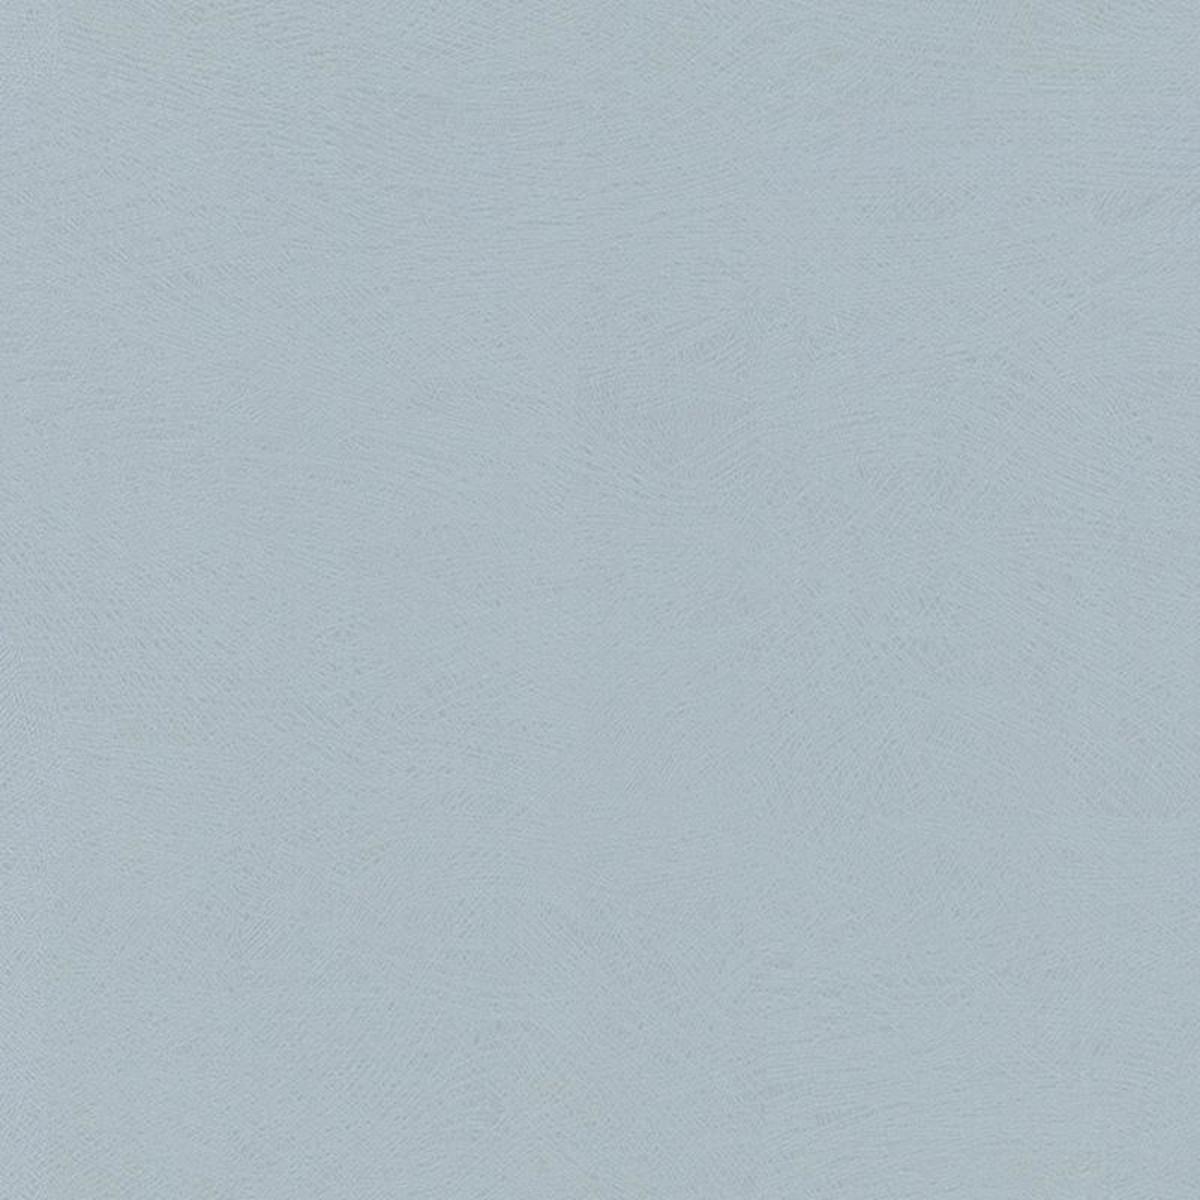 Обои флизелиновые Мир Галактика серые 45-334-04 1.06 м